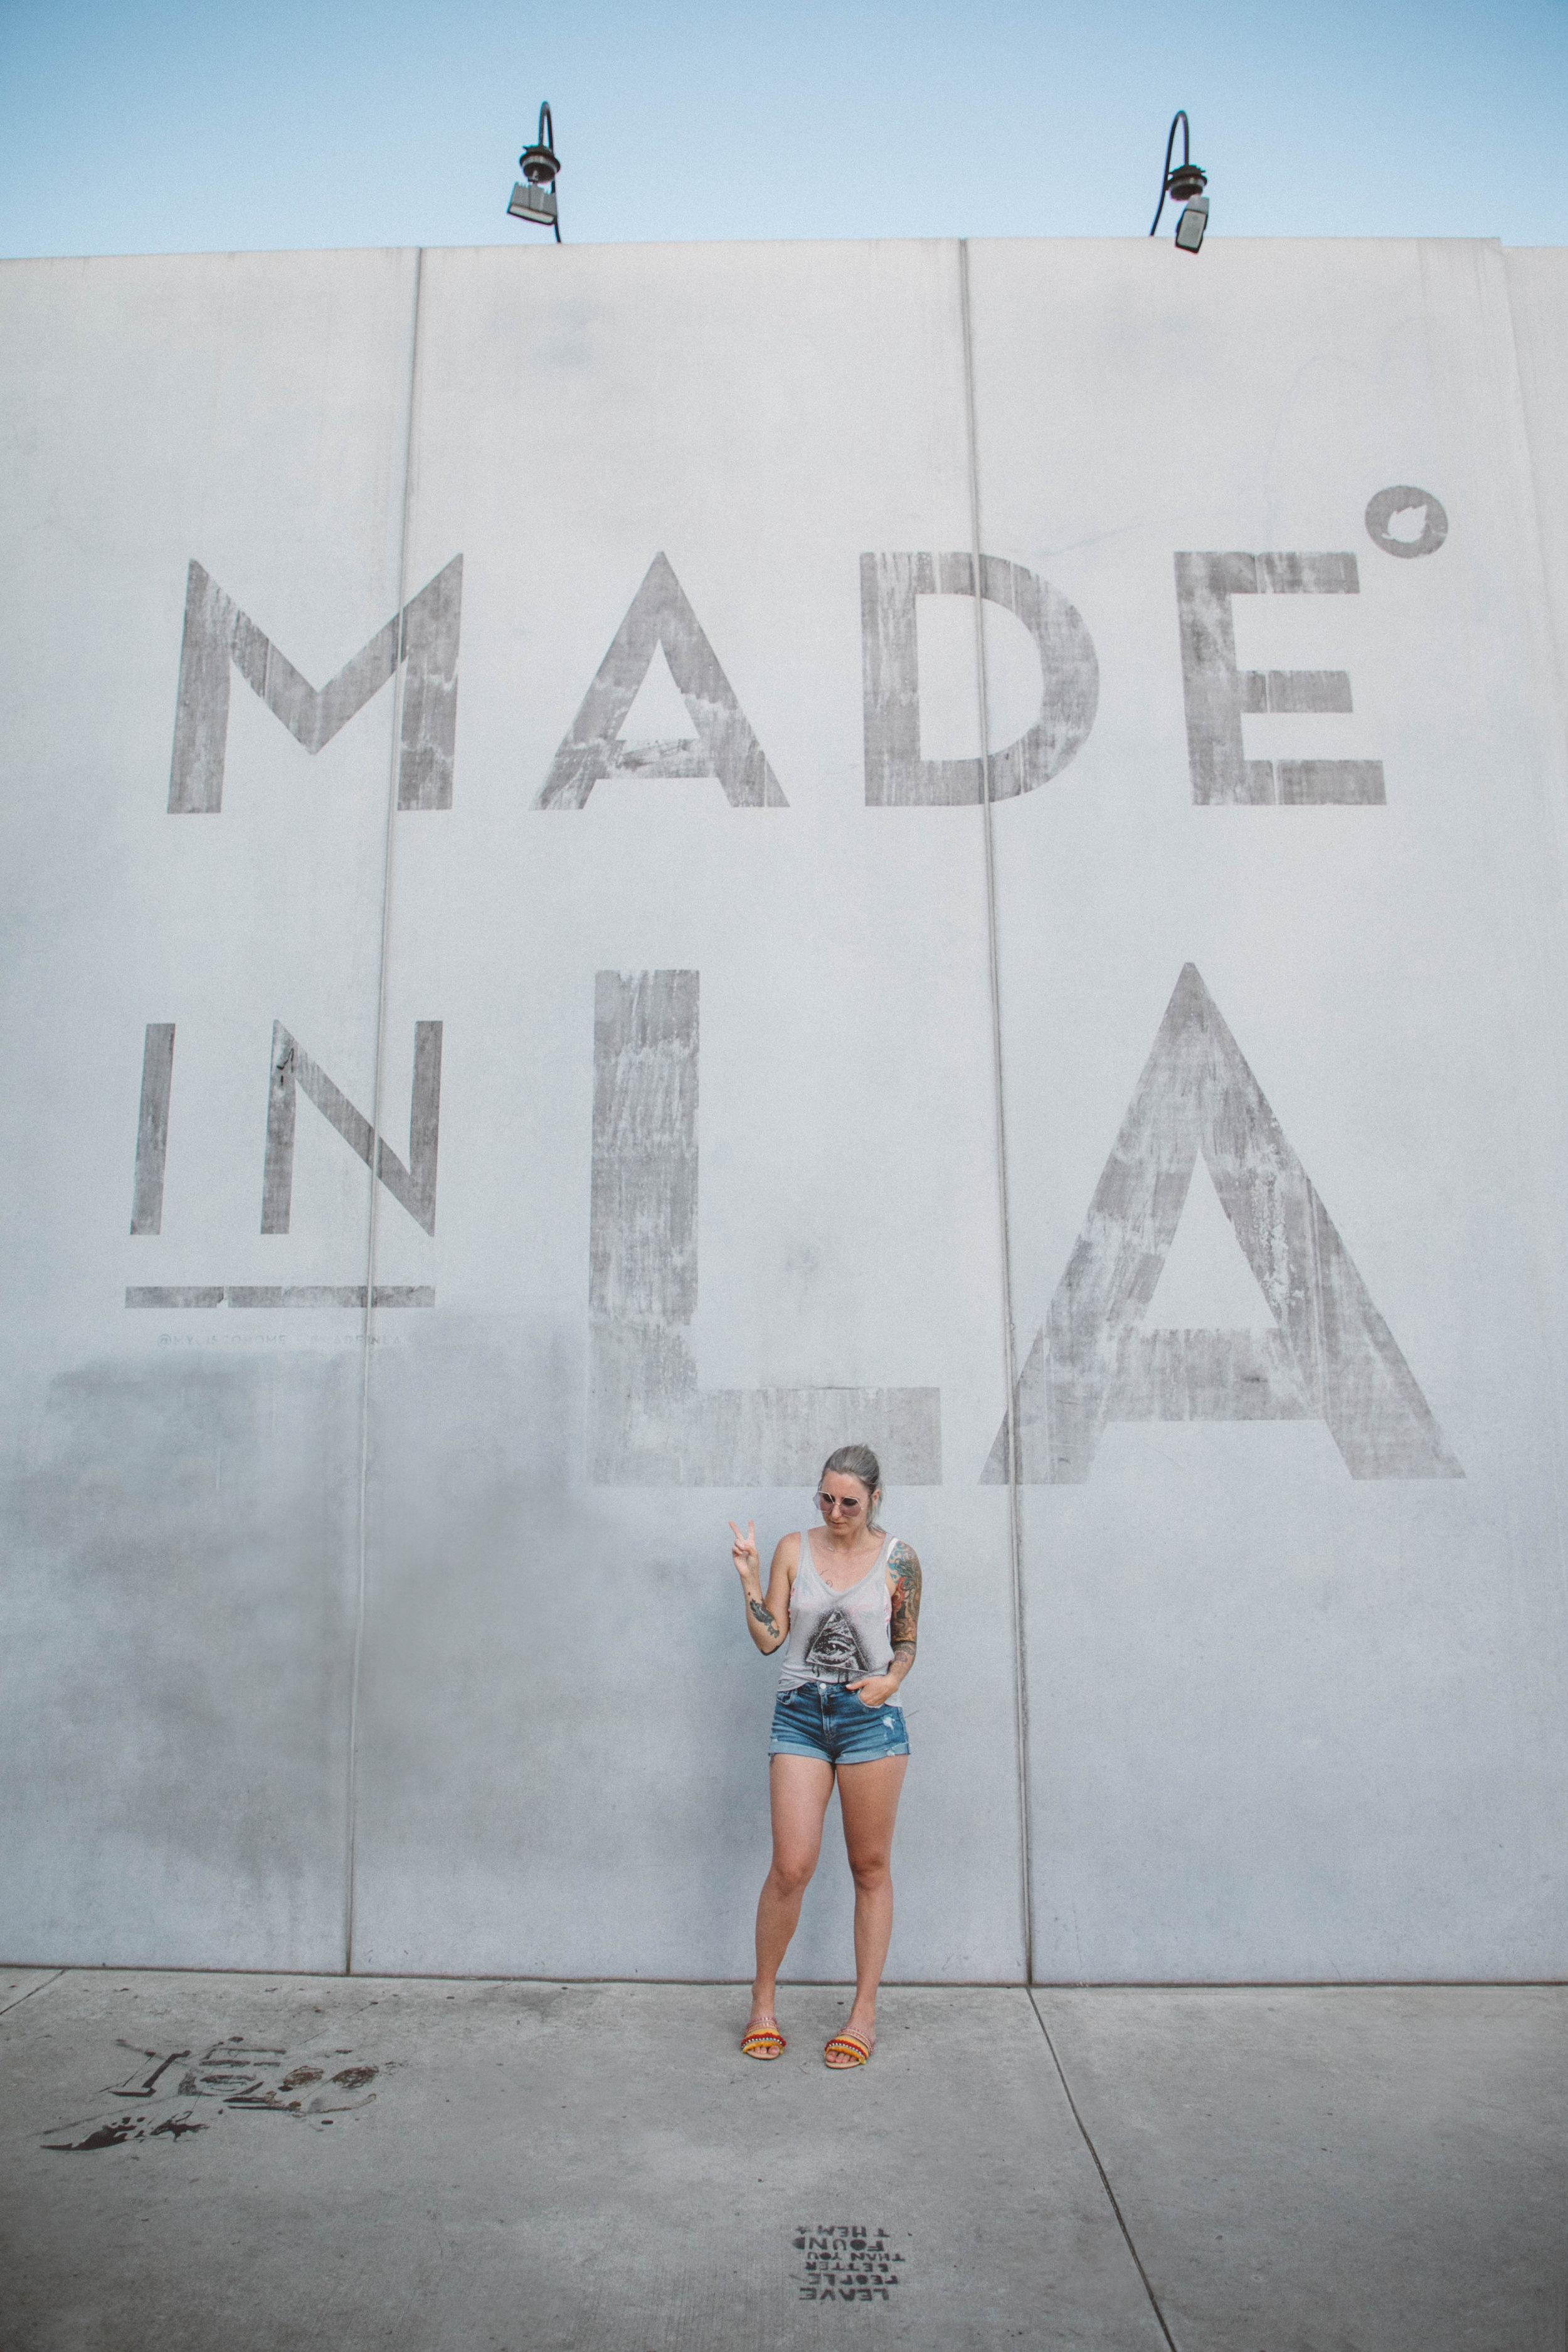 Made in LA Los Angeles street art